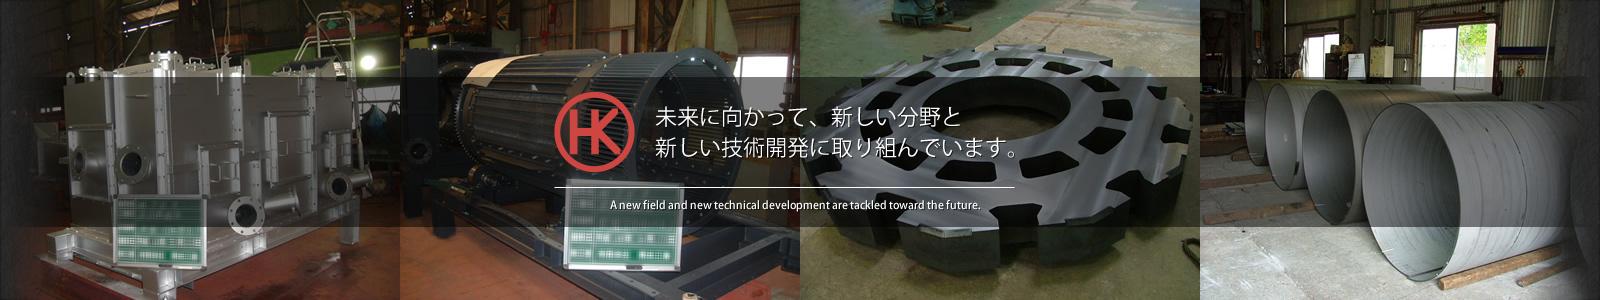 未来に向かって、新しい分野と新しい技術開発に取り組んでいます。